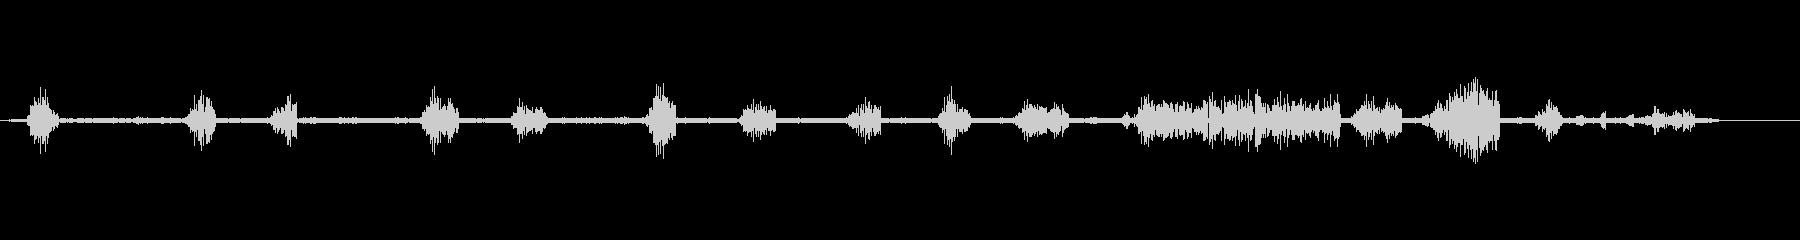 セリン(セリン)の未再生の波形